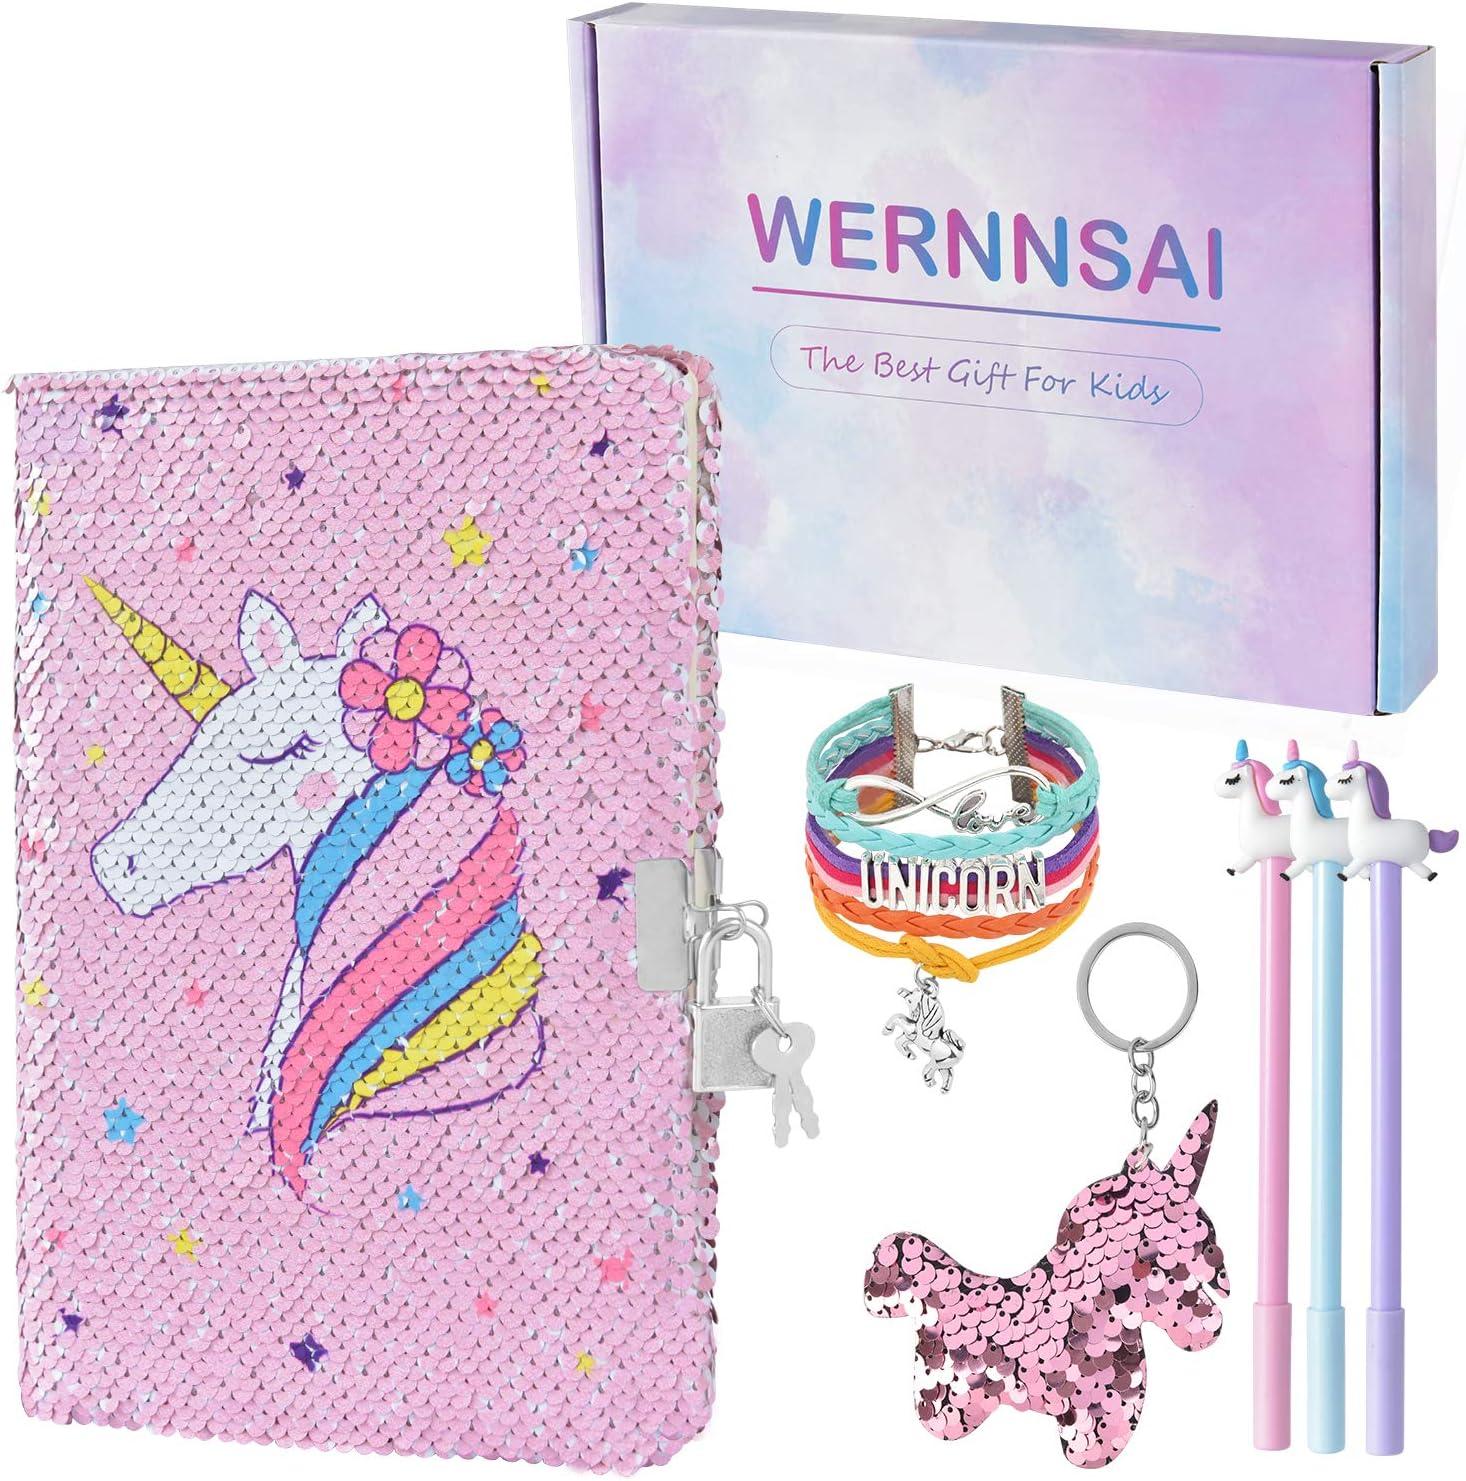 WERNNSAI Cuaderno Unicornio - A5 Bloc de Notas Regalos para Niños Diario de Lentejuelas libretas Bolígrafo Pulsera Llavero con Cerradura y llaveb